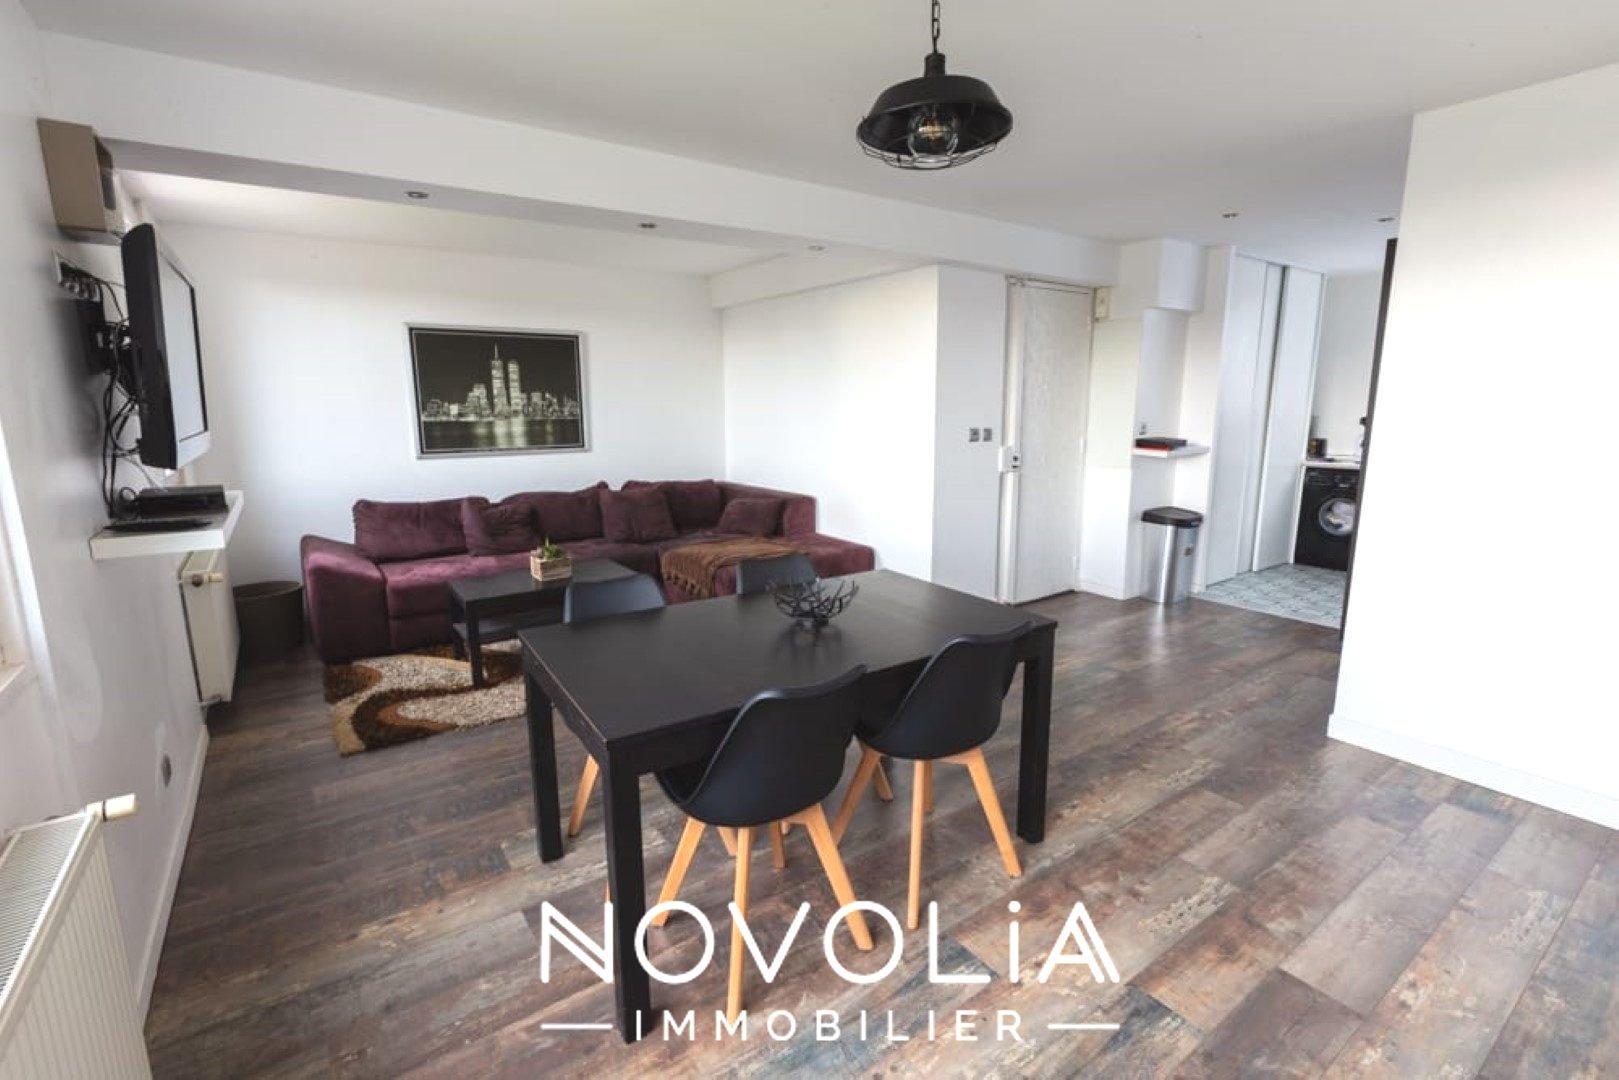 Achat Appartement, Surface de 64.07 m²/ Total carrez : 64.07 m², 3 pièces, Vénissieux (69200)